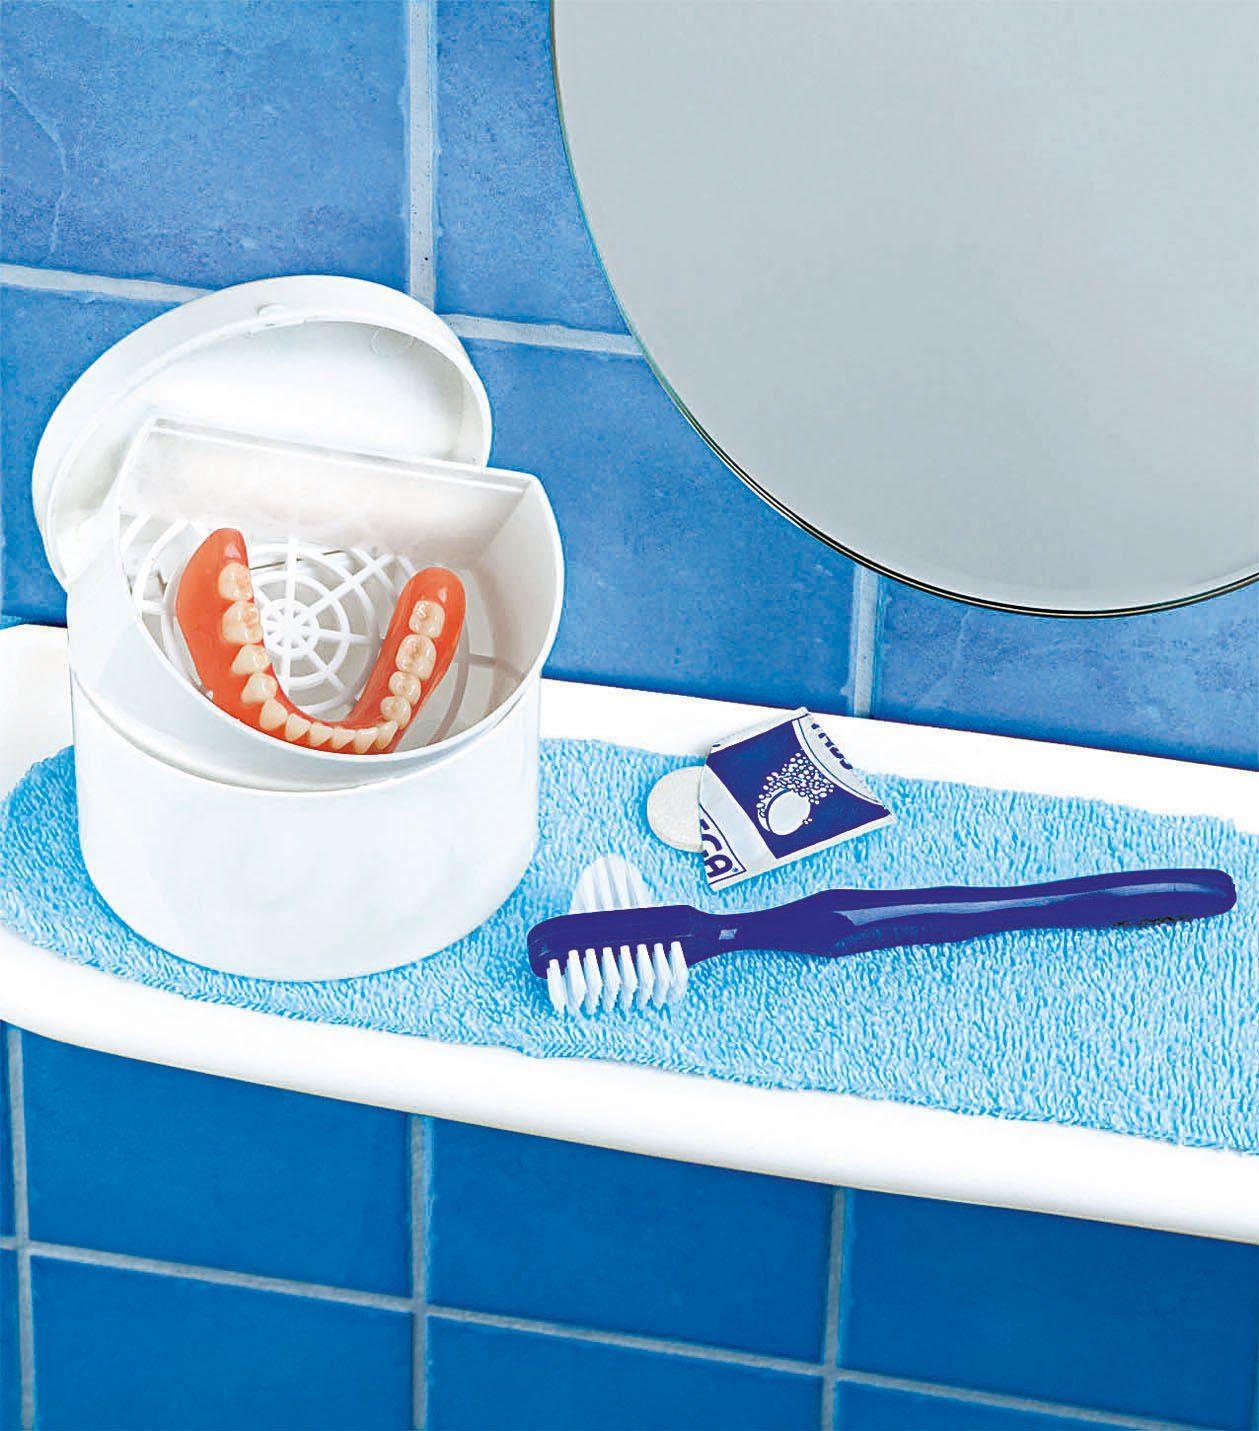 Wenko Prothesen-Reinigungsset mit herausnehmbarem Einsatz